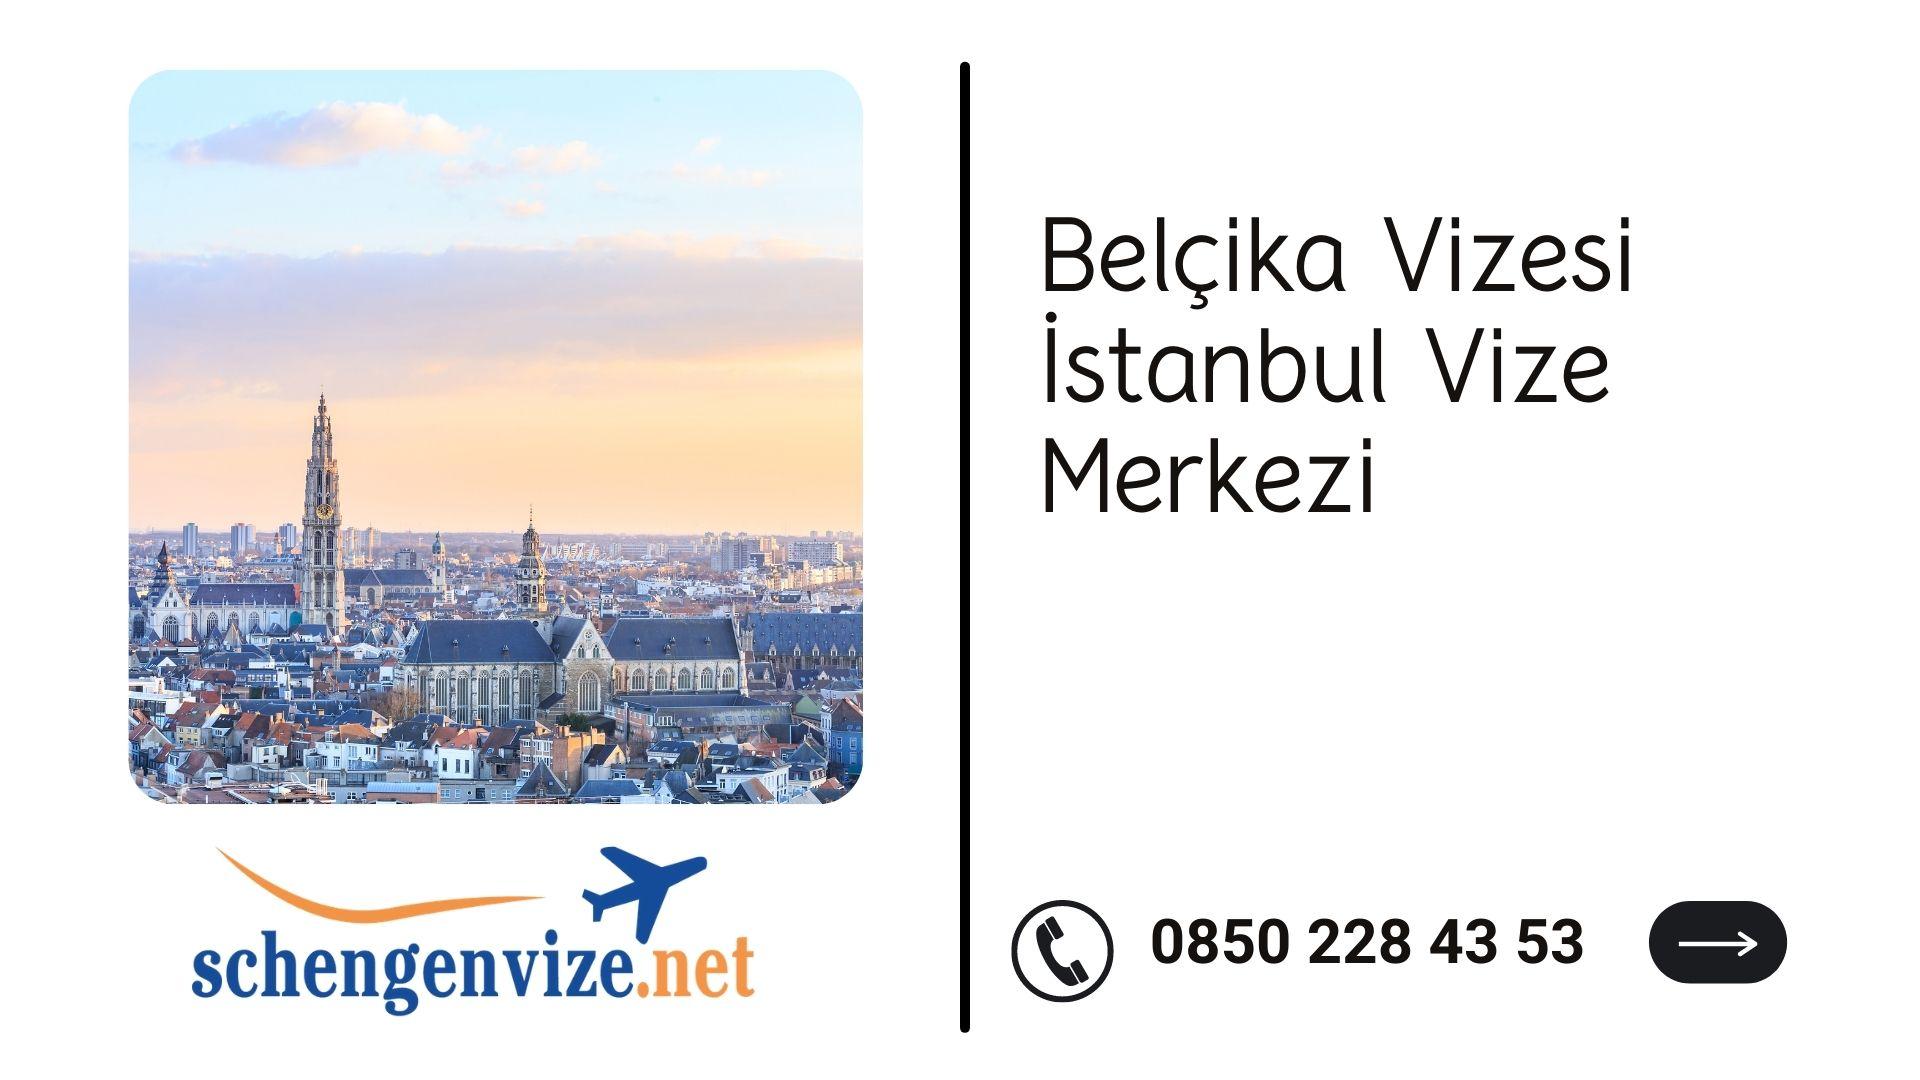 Belçika Vizesi İstanbul Vize Merkezi